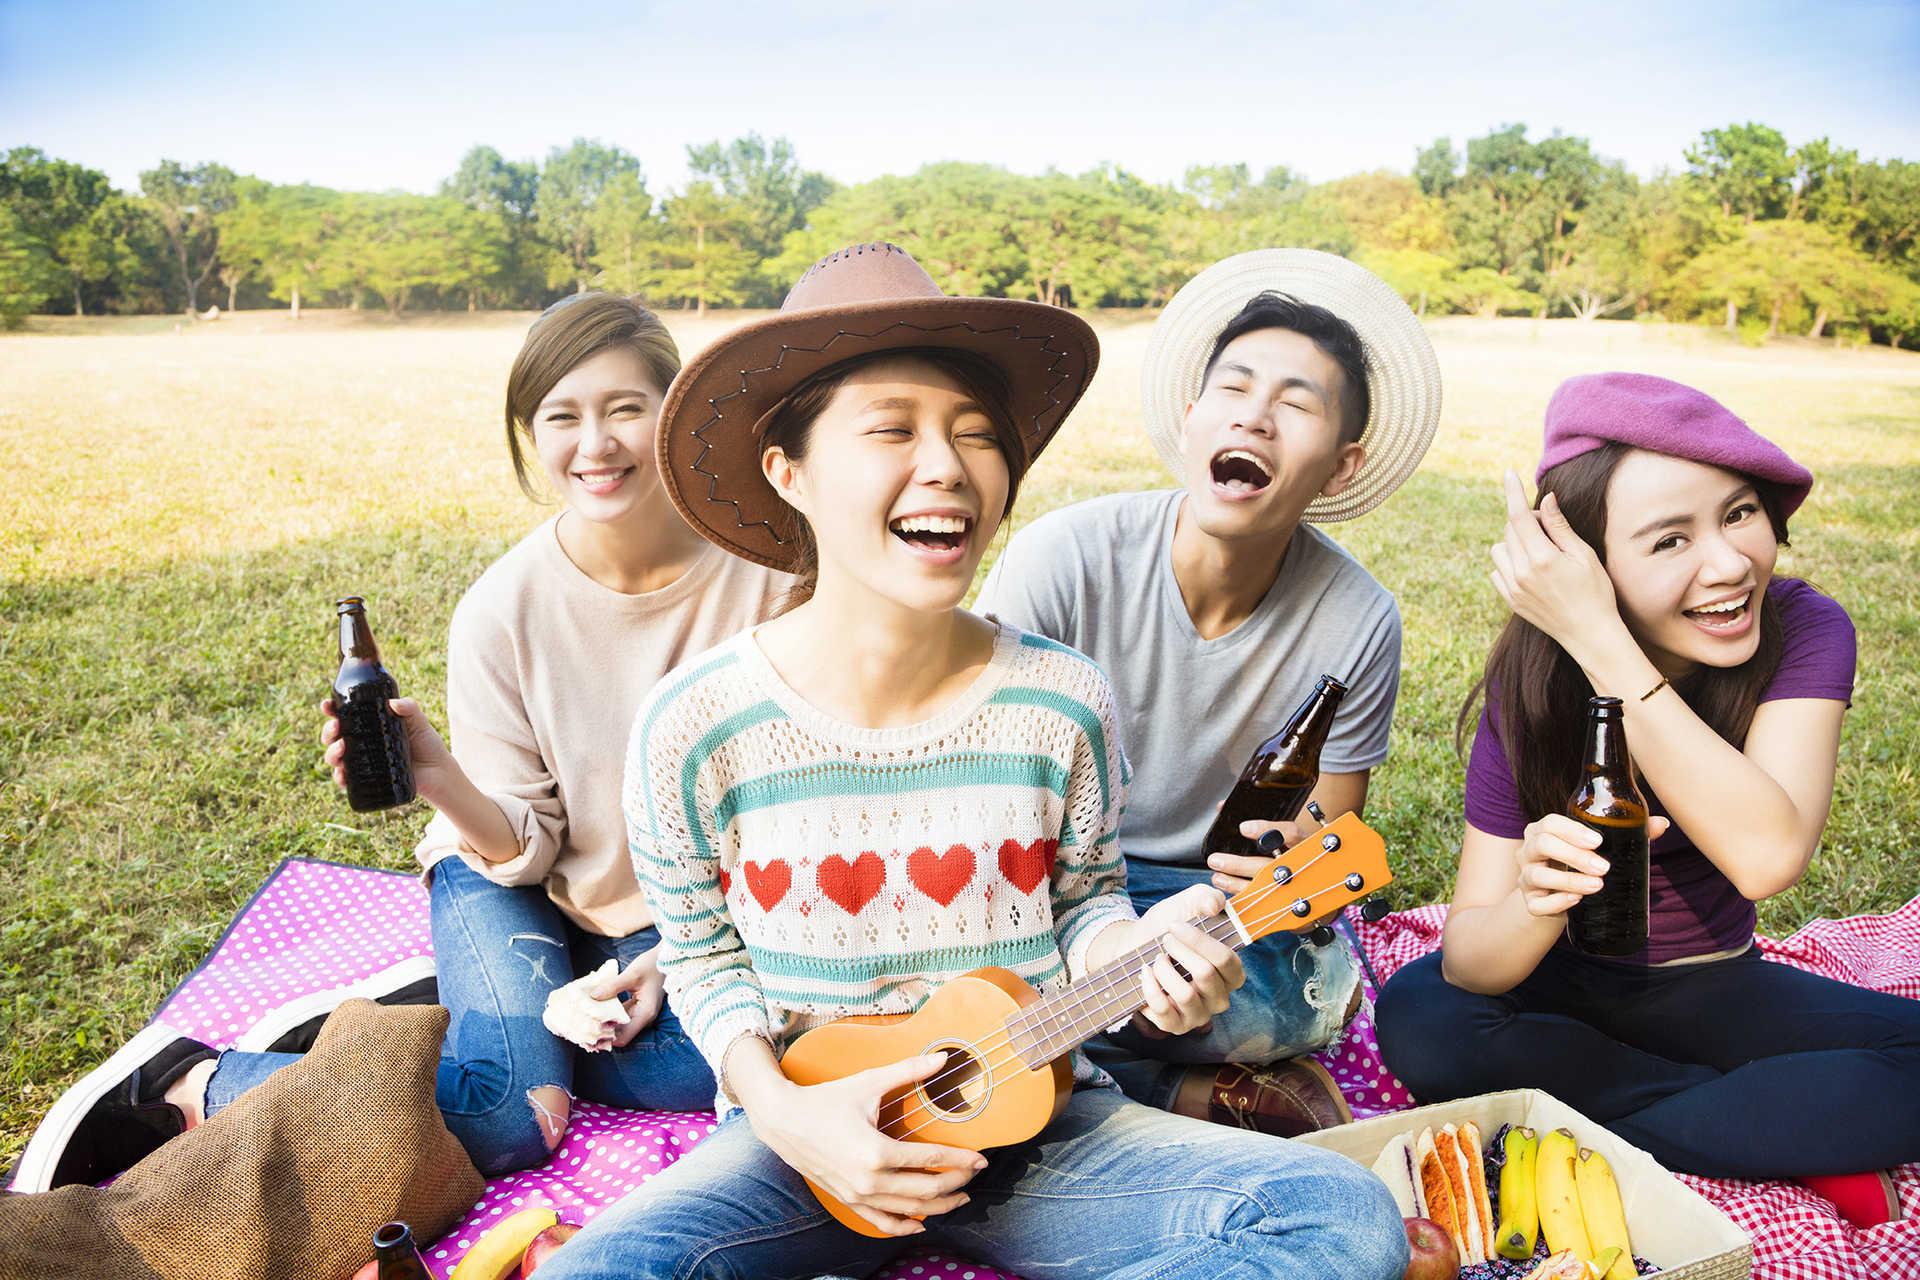 2.Play the Music via Simphome.com